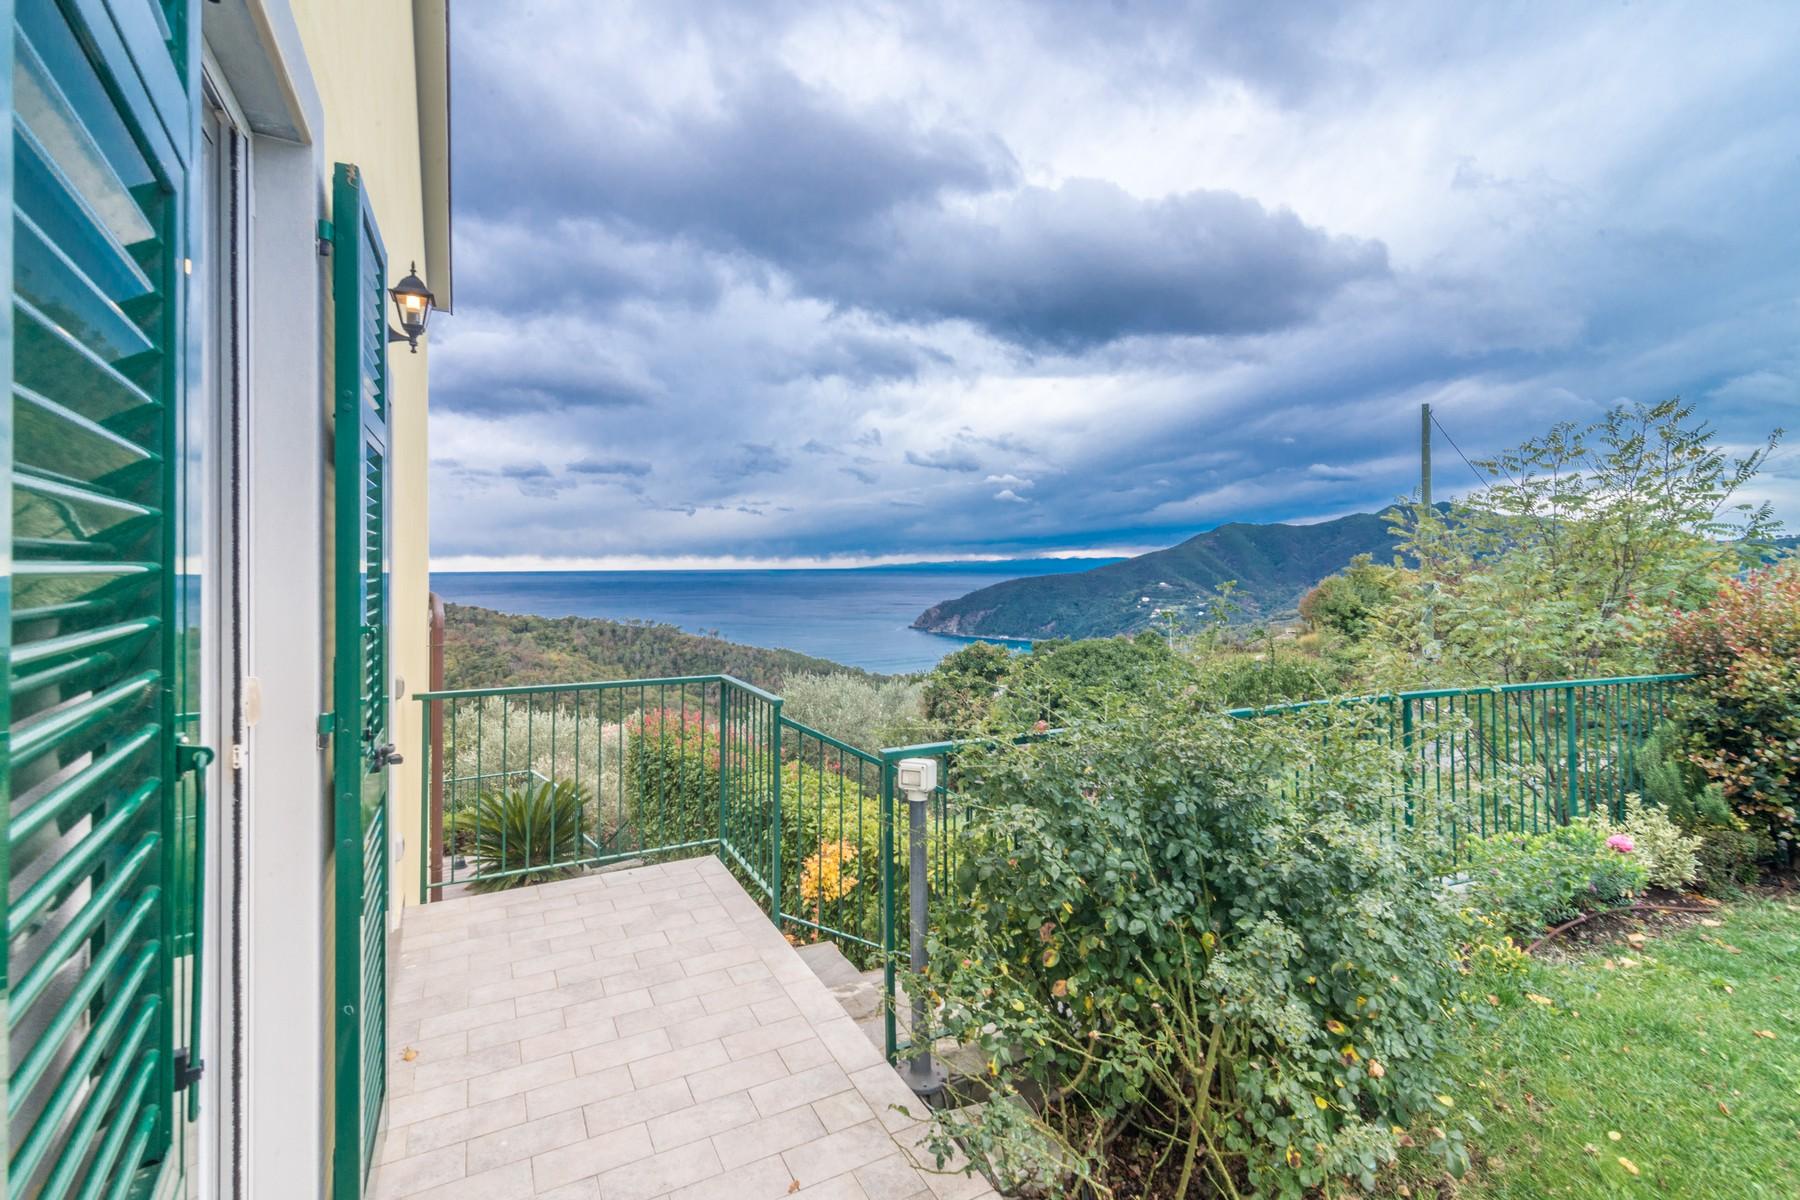 Casa indipendente in Vendita a Moneglia: 5 locali, 140 mq